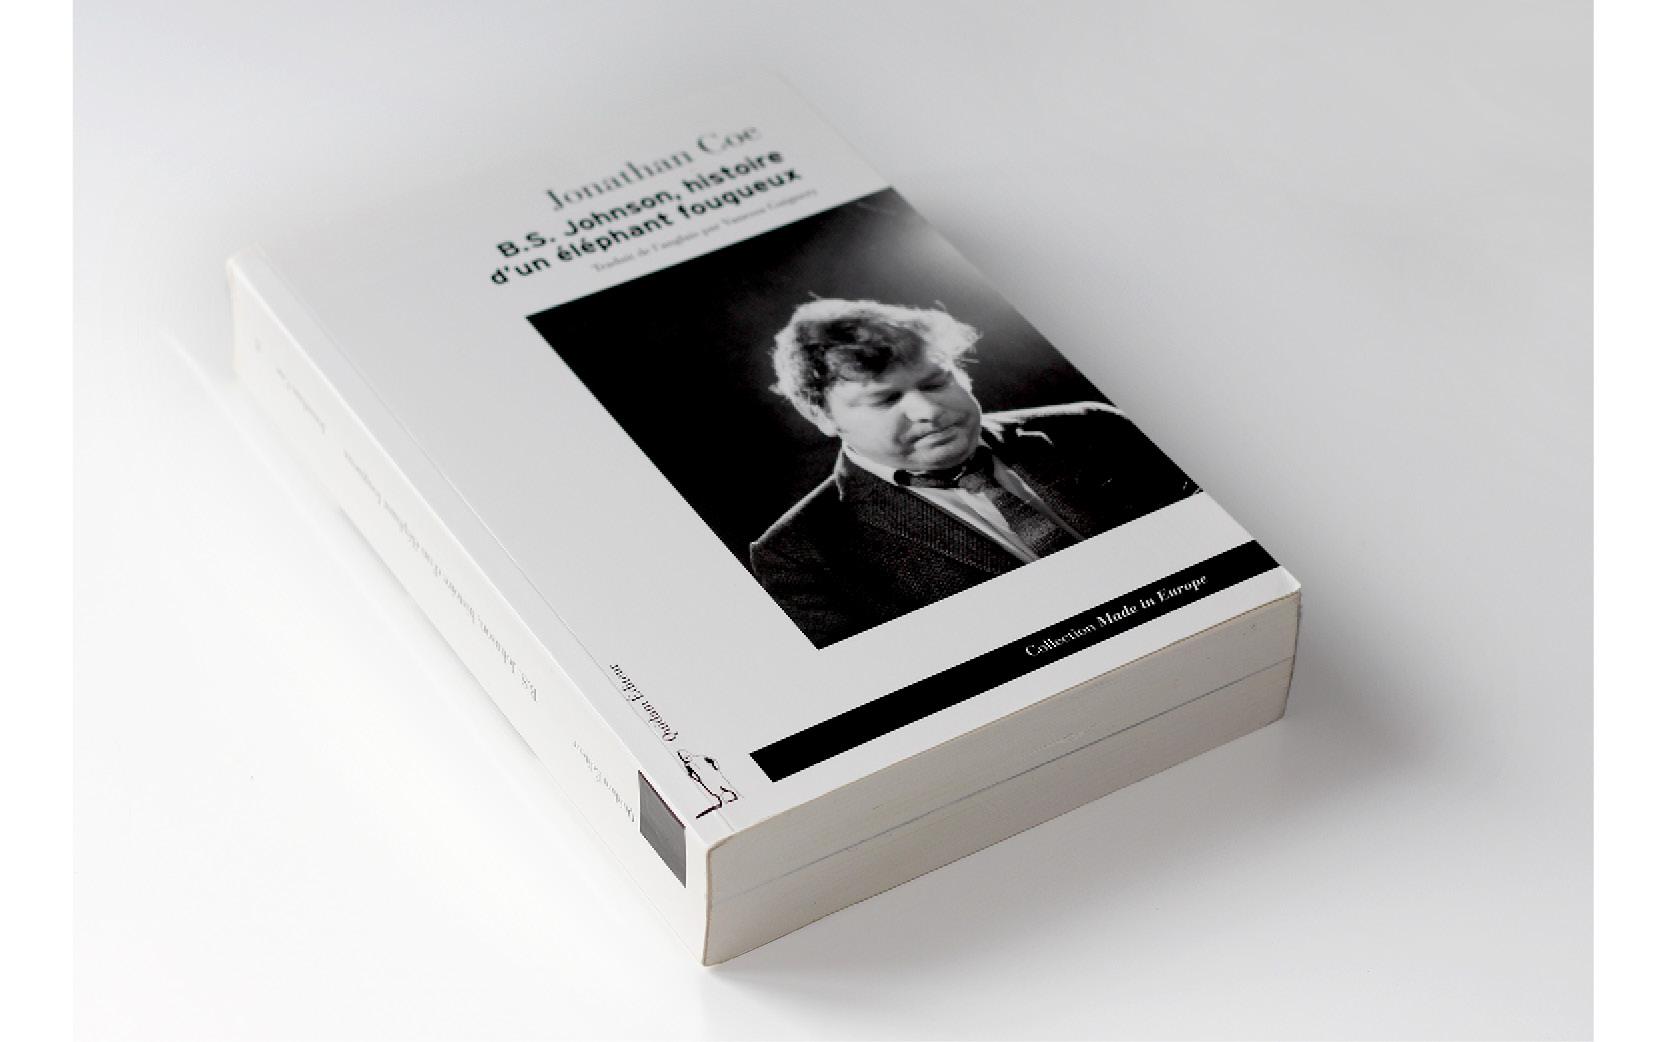 Mise ne pages et retouche image de la Couverture du livre BS Johnson.